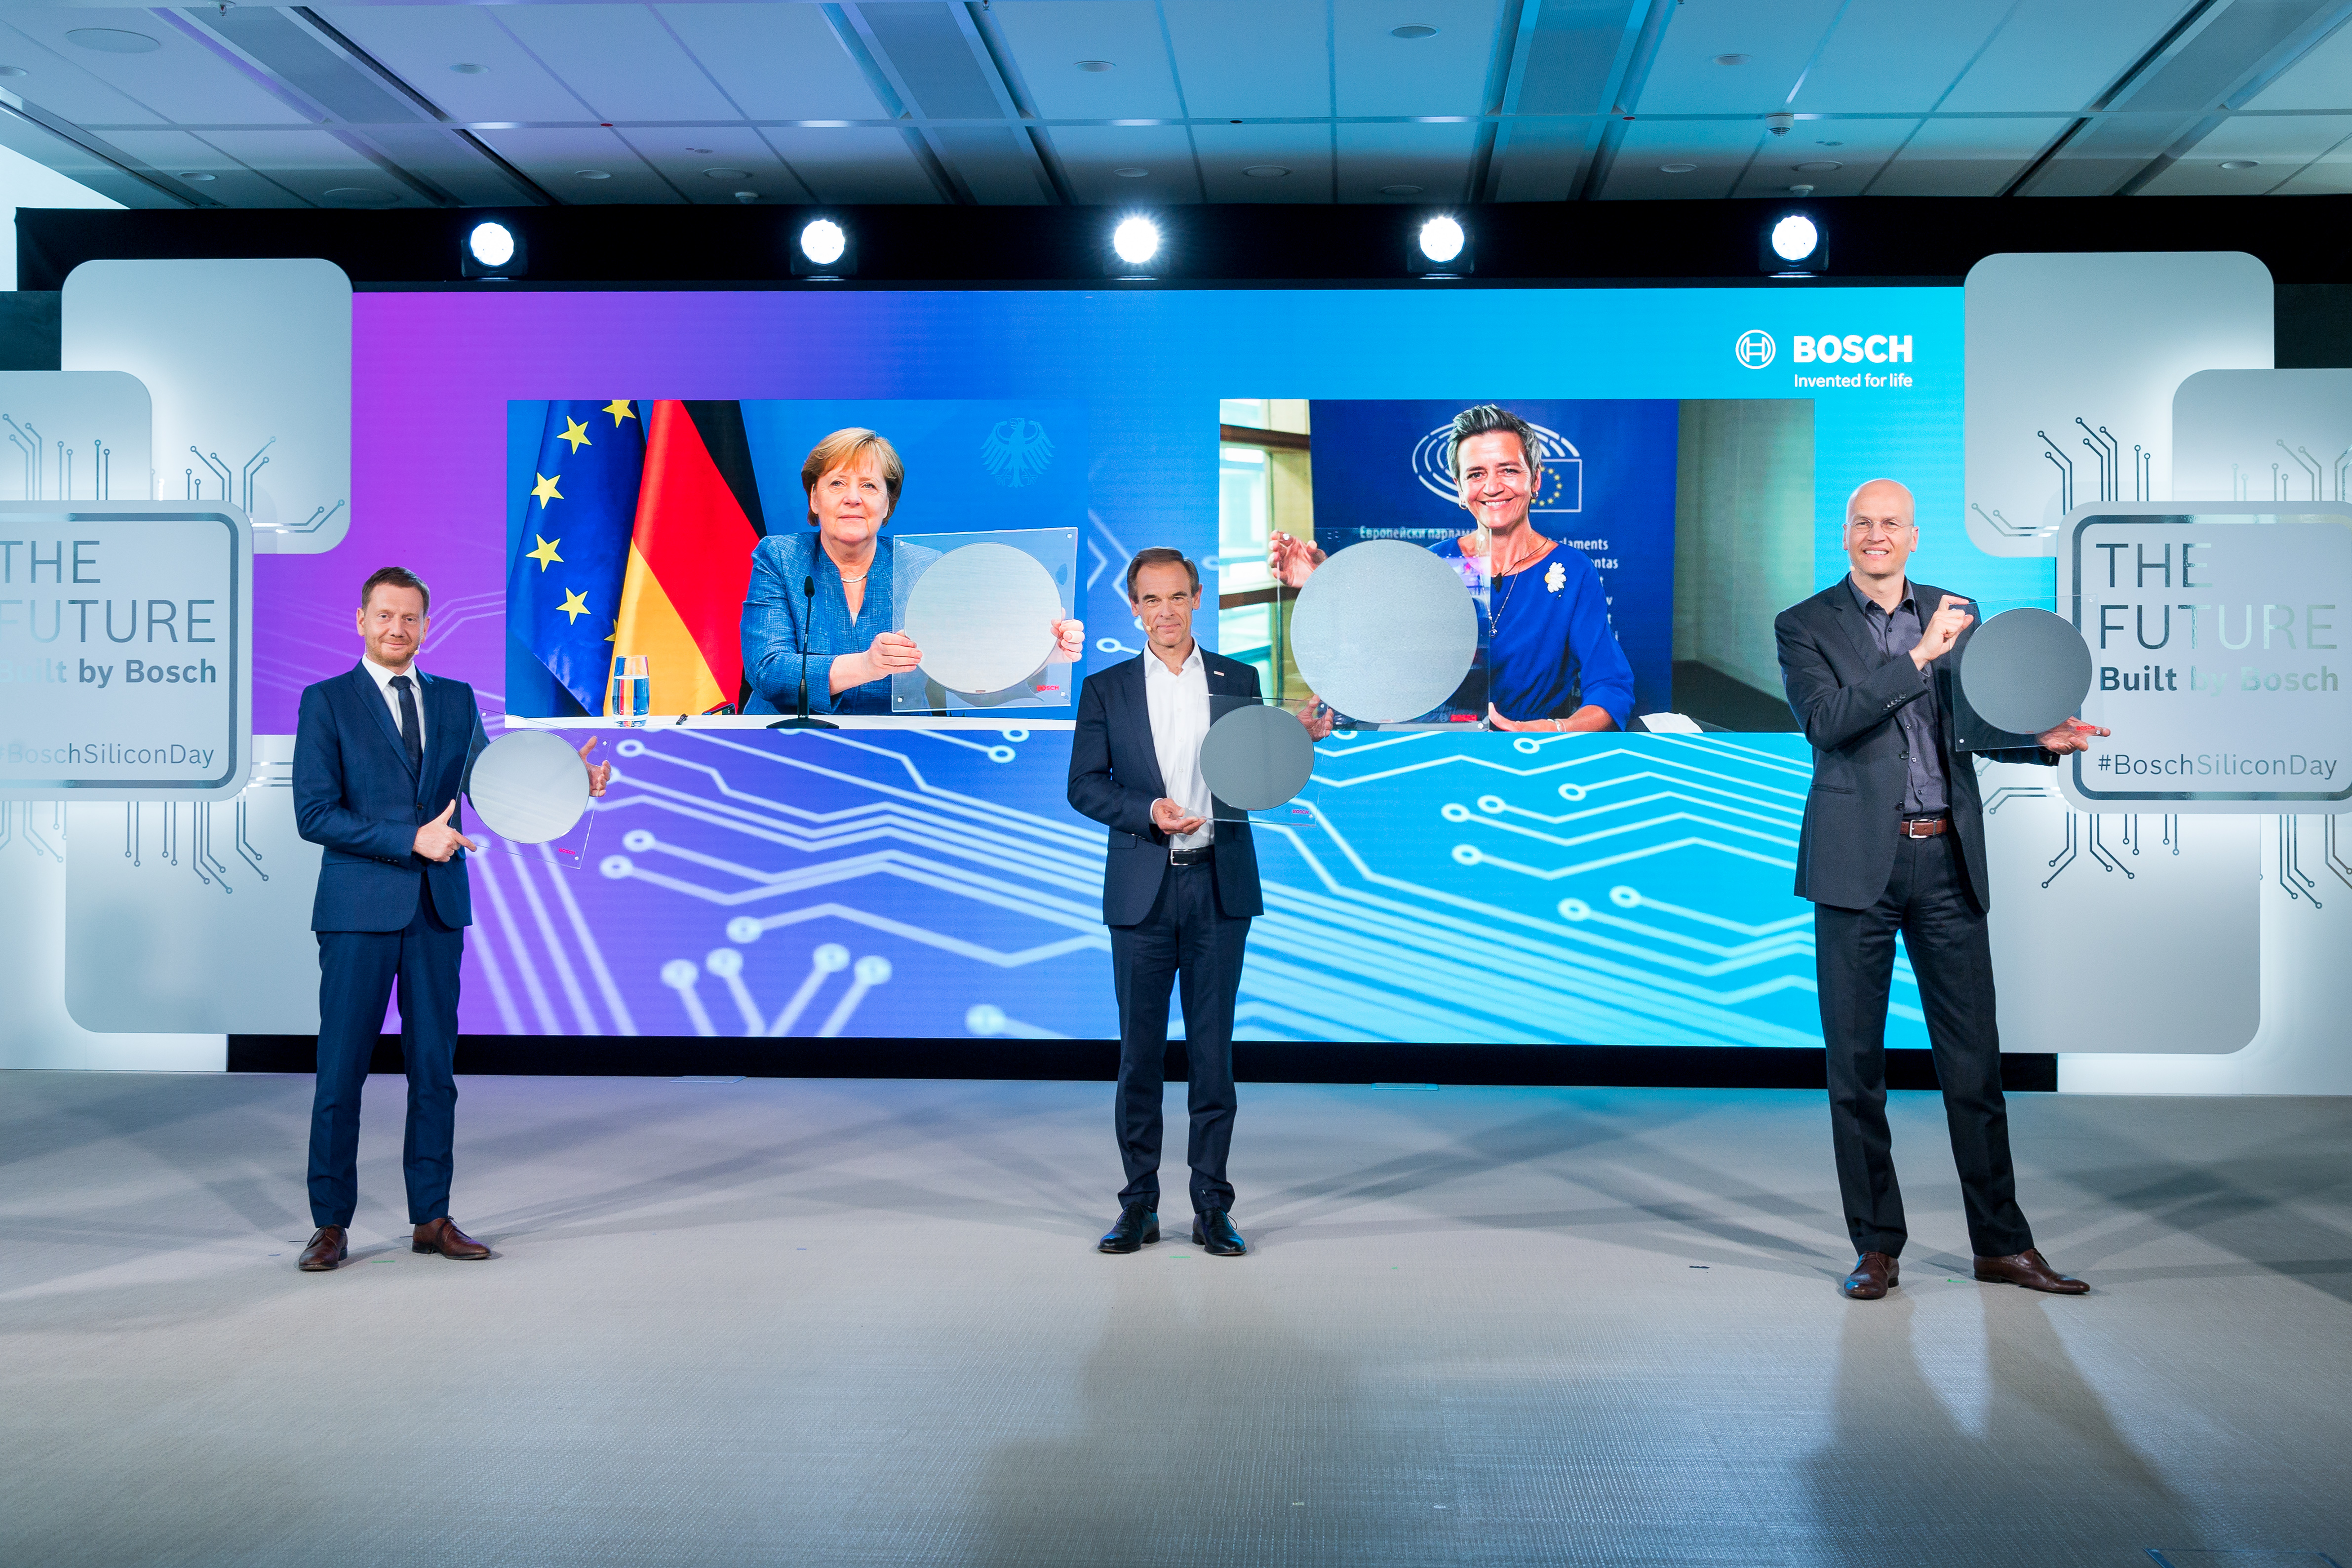 Za virtuálnej prítomnosti nemeckej kancelárky Dr. Angely Merkelovej, predsedníčky Európskej komisie Margrethe Vestagerovej a saského ministerského predsedu Michaela Kretschmera bol 7. júna 2021 slávnostne otvorený technologicky vyspelý výrobný závod.